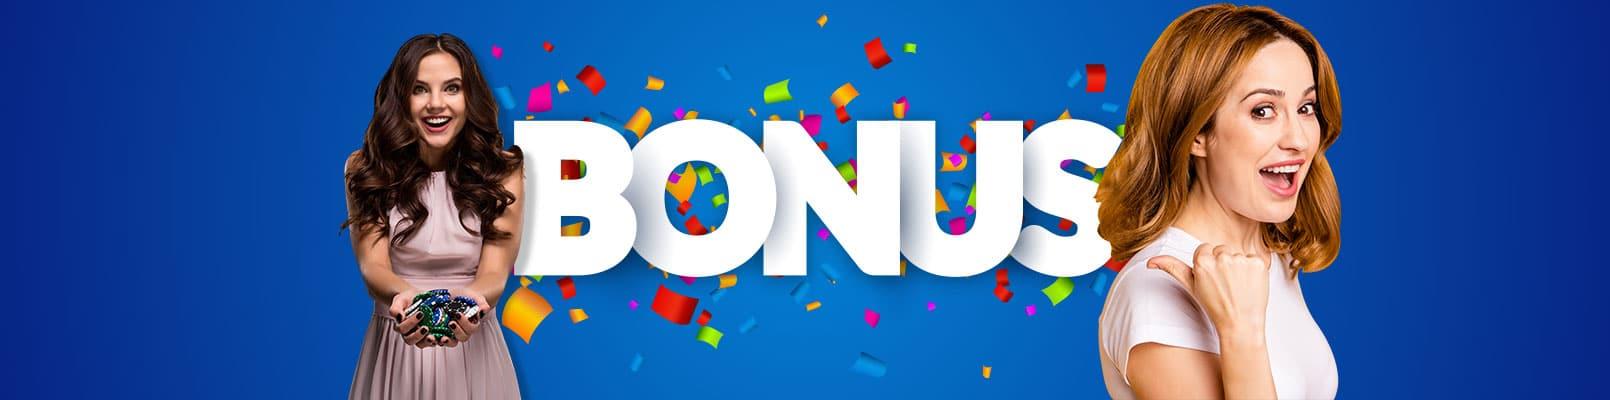 Casino Bonus Fara Depunere - bonus fără depozit pentru cazino